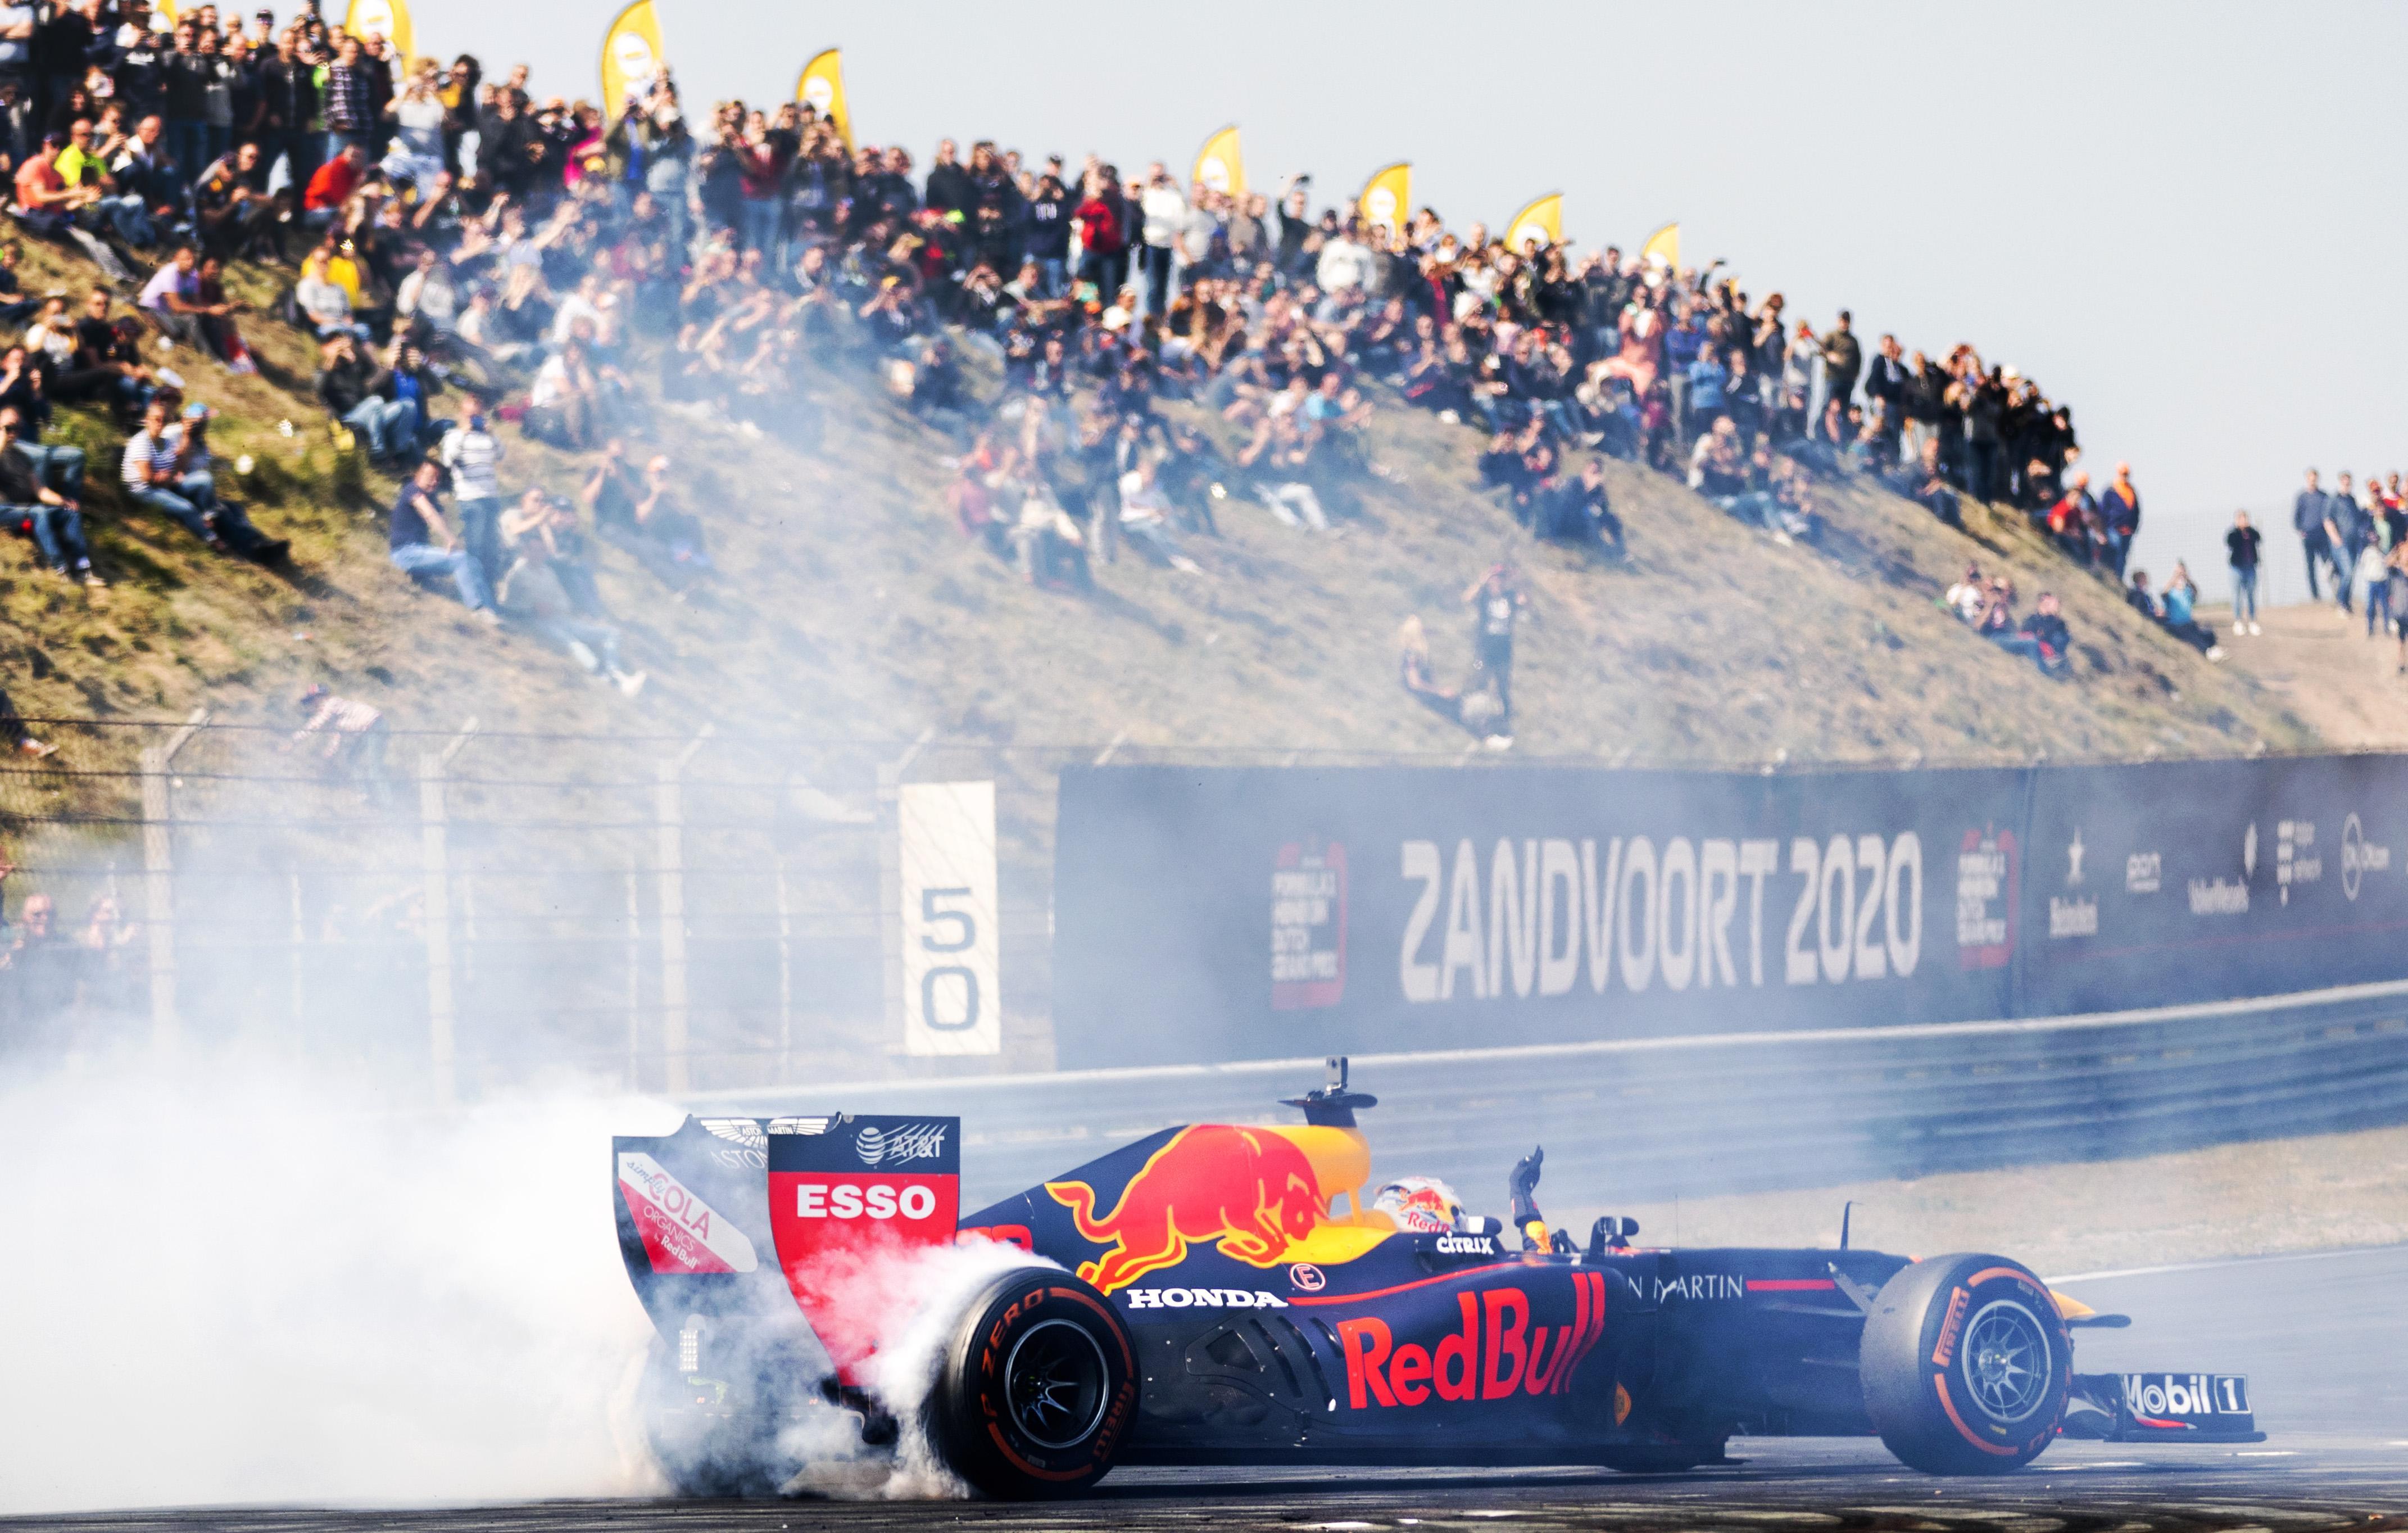 Grote Prijs van Nederland Formule 1 op 3 mei in Zandvoort